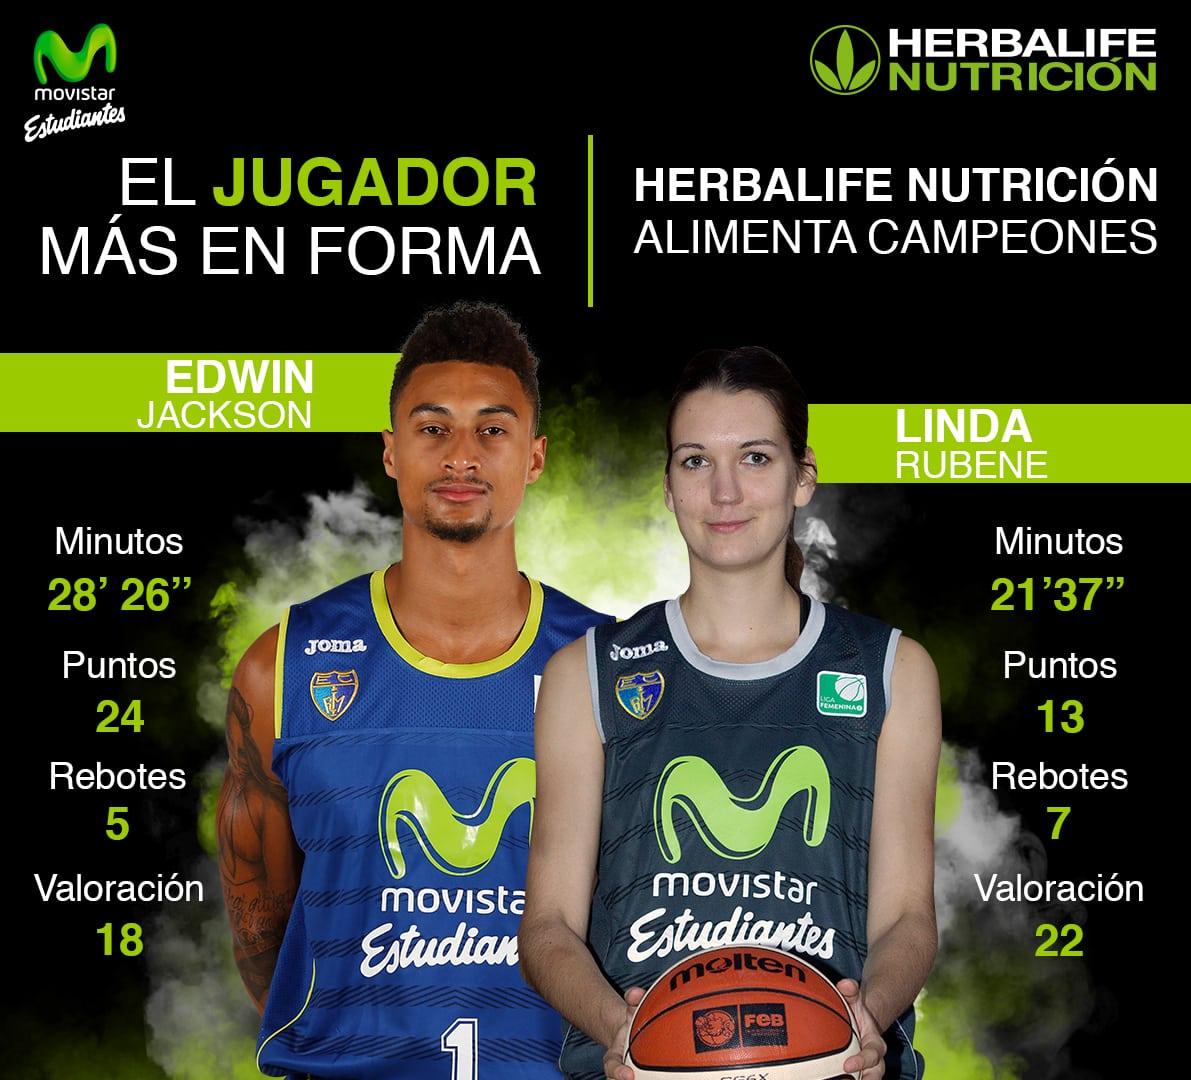 Herbalife presenta a los jugadores más en forma de la jornada: Edwin Jackson y Linda Rubene